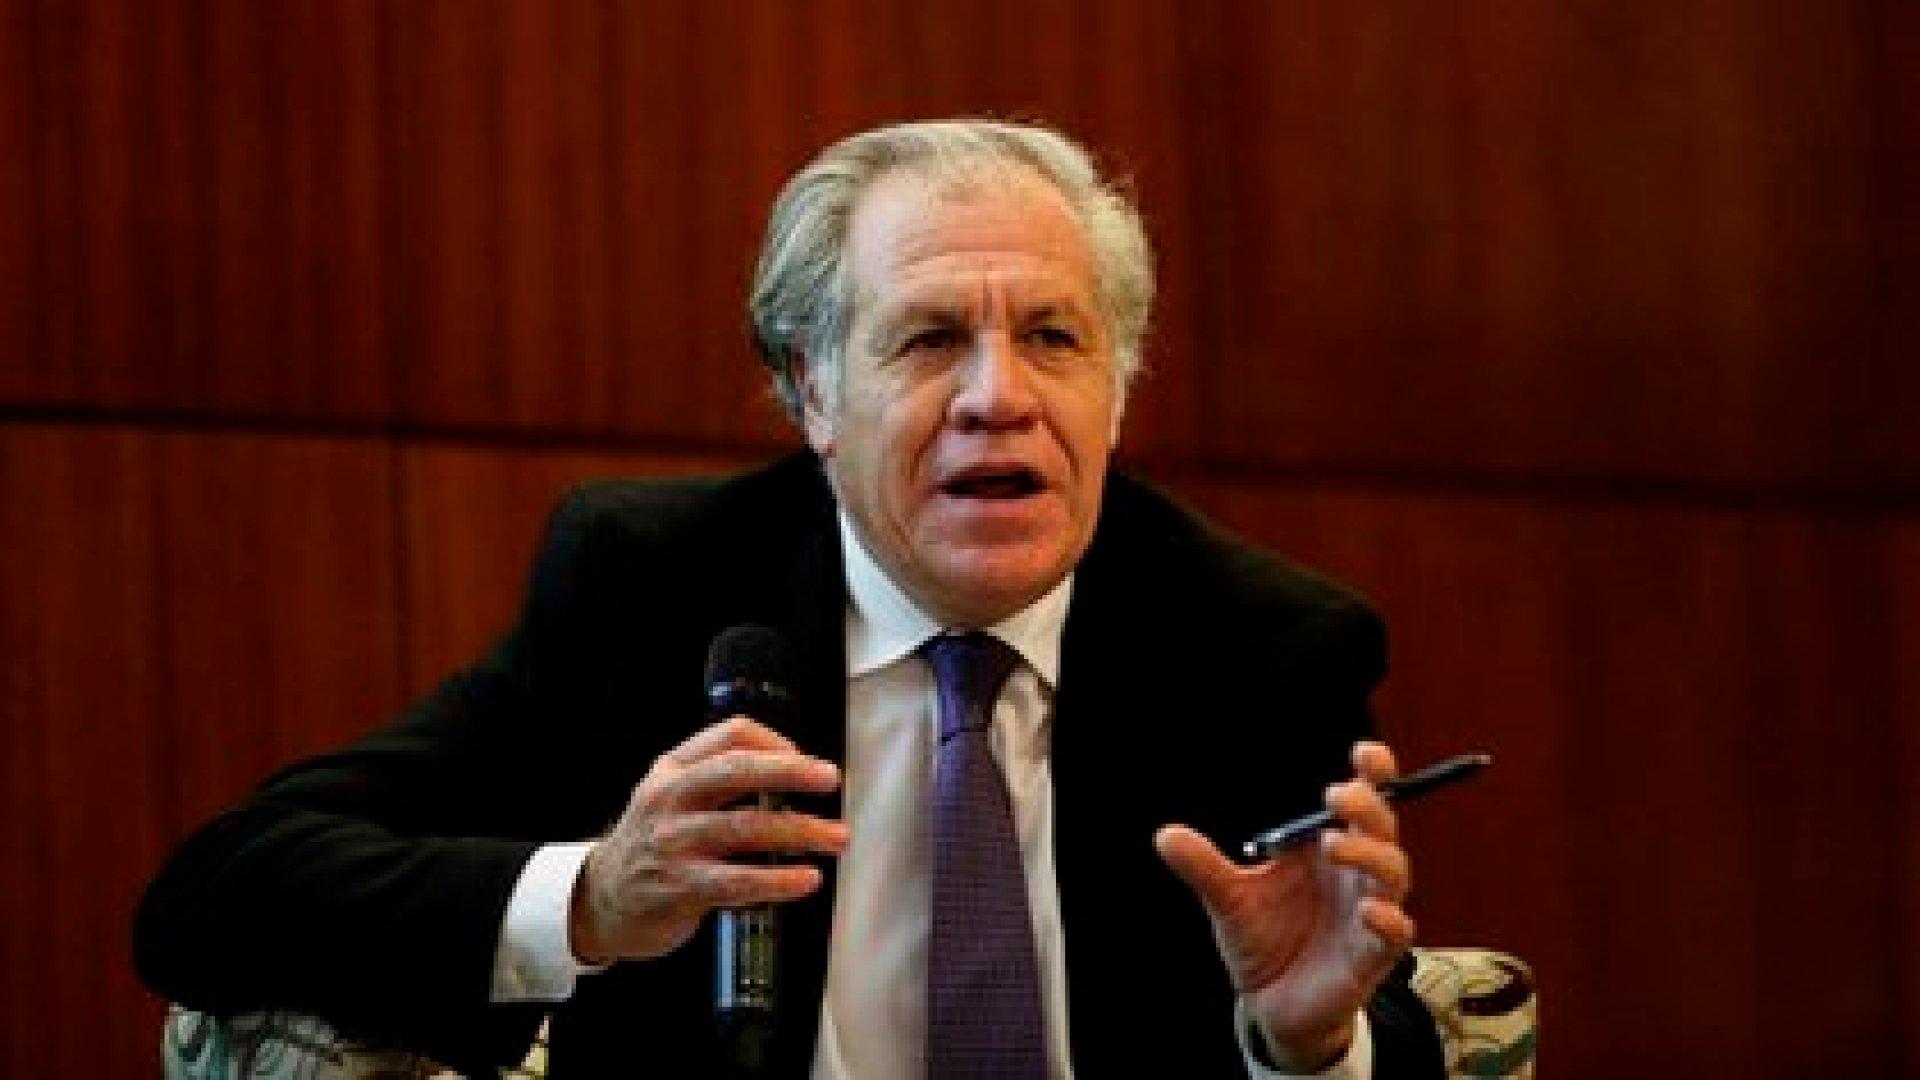 El secretario general de la Organización de Estados Americanos (OEA), Luis Almagro. EFE/ Bienvenido Velasco/Archivo